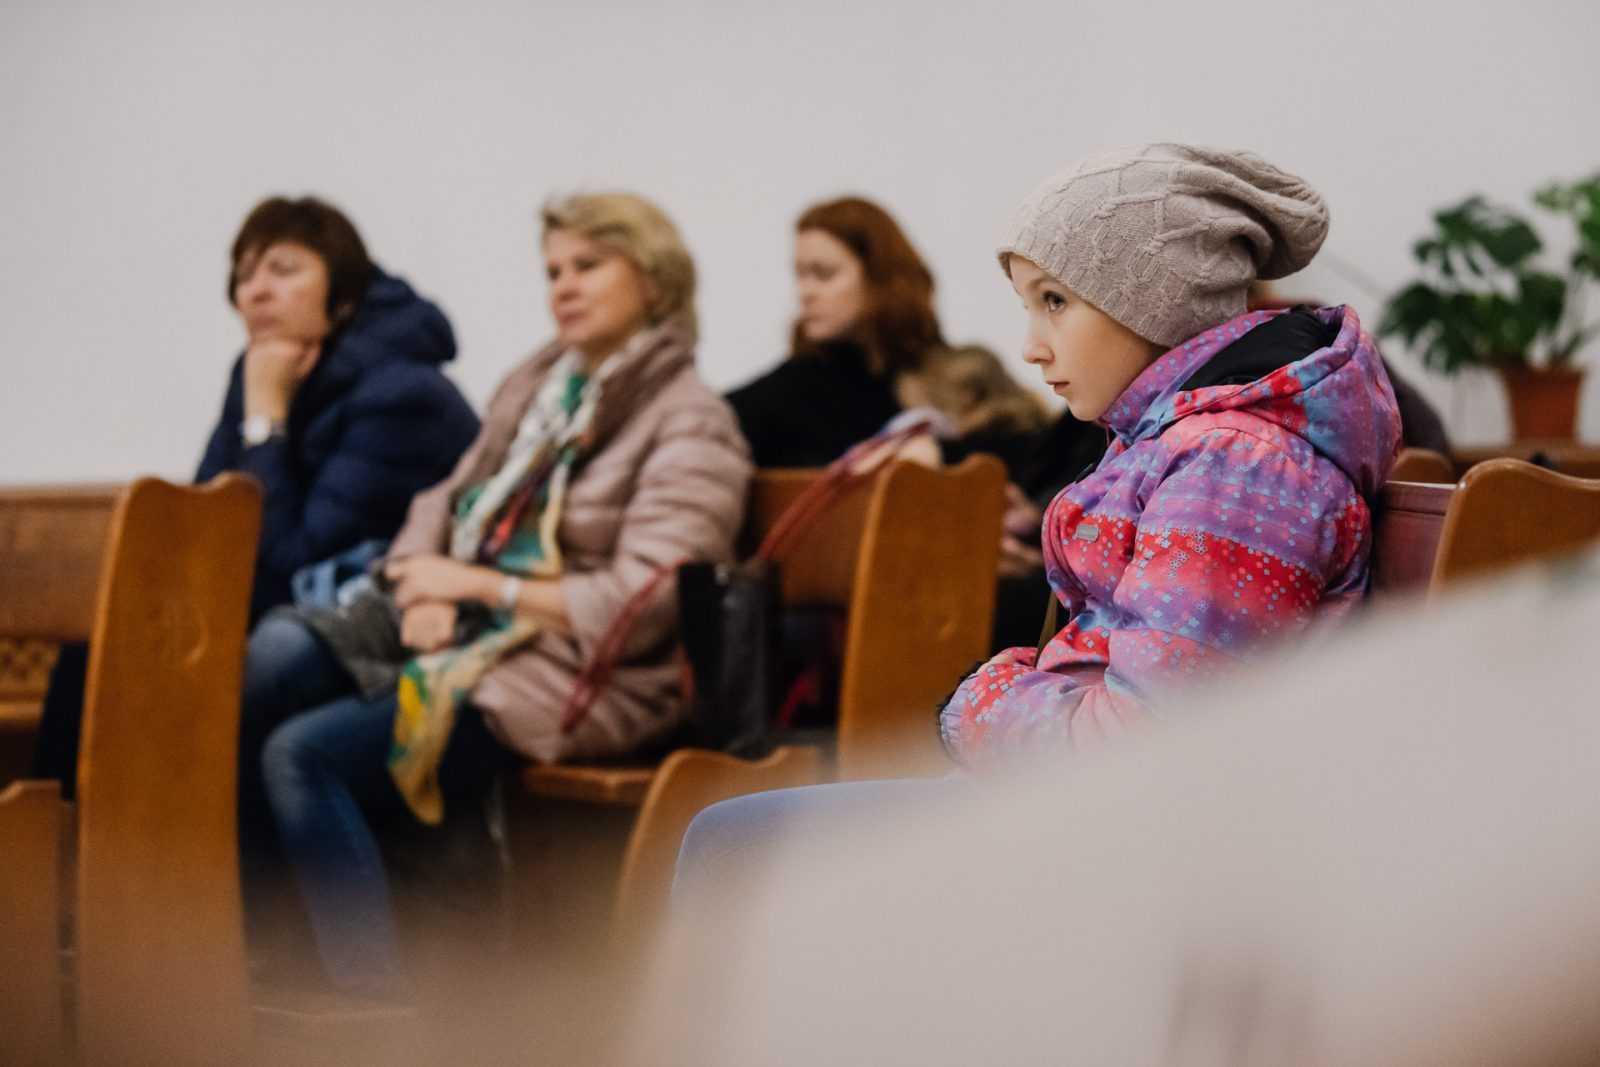 Музыка в храме КОНЦЕРТ «МАСТЕРА БАРОККО» 26.10.2019 14